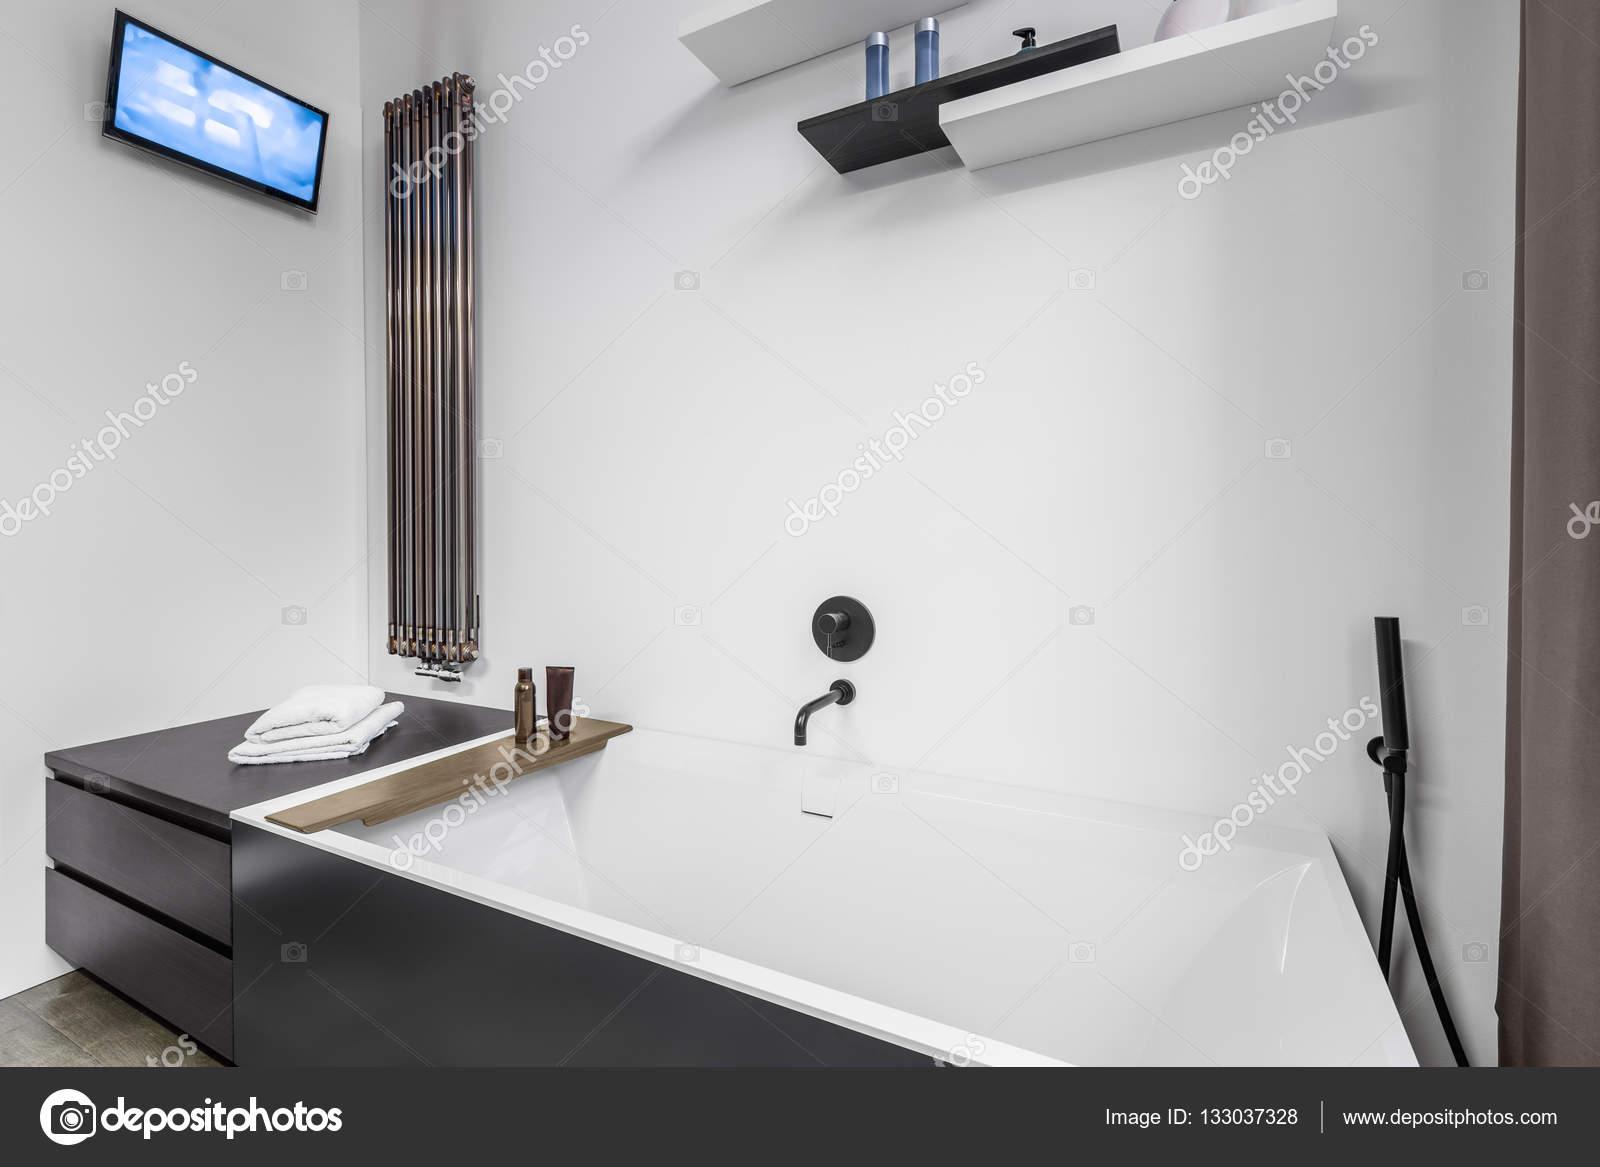 Tv Dans Salle De Bain ~ salle de bains avec baignoire et tv photographie in4mal 133037328